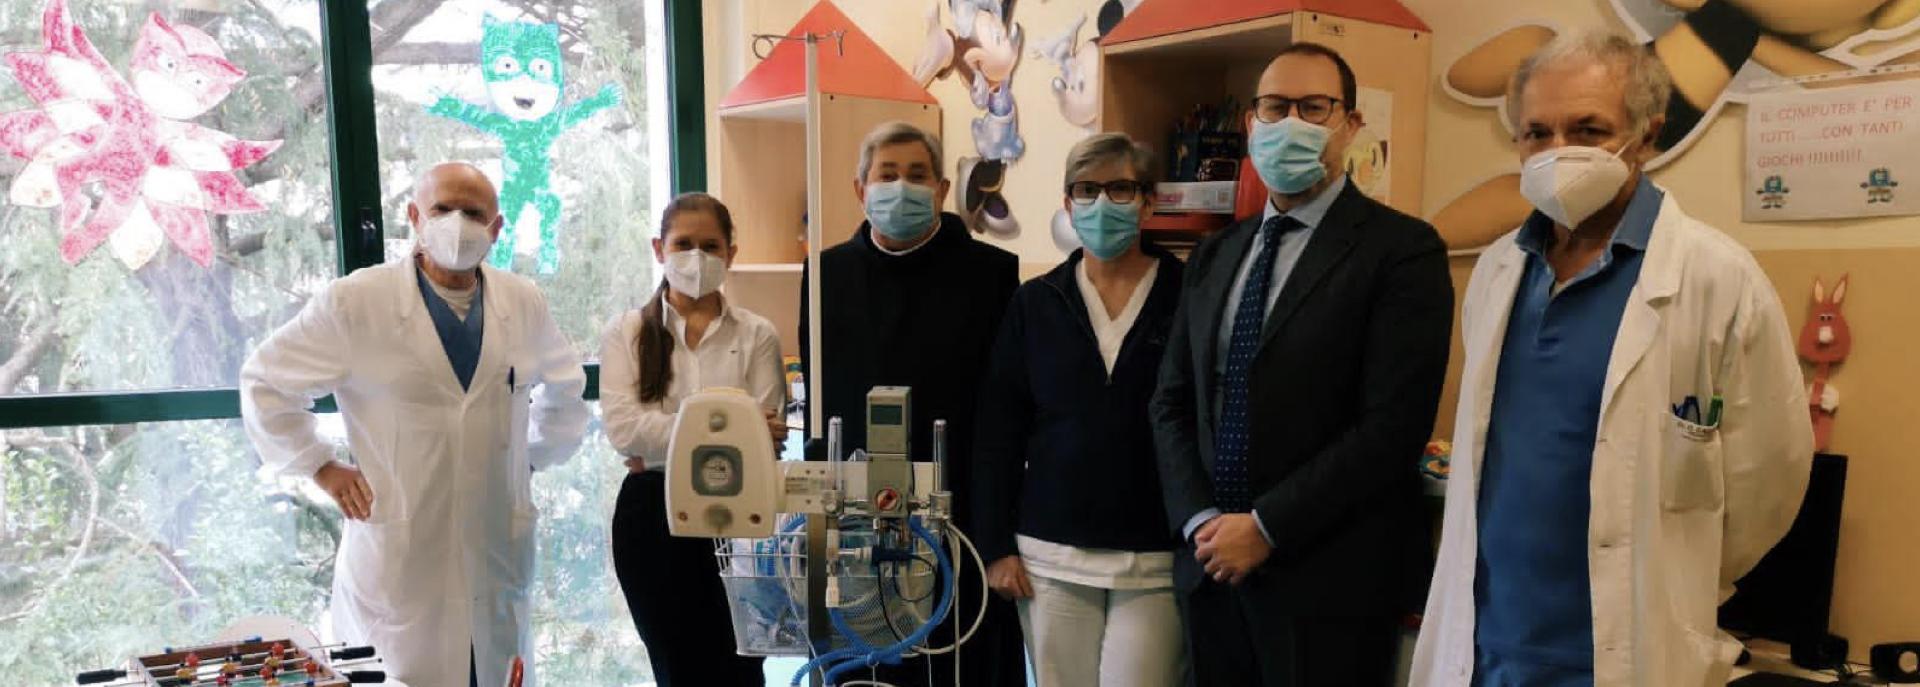 Ospedale Sacra Famiglia: nuovi apparecchi anti-Covid grazie alle donazioni